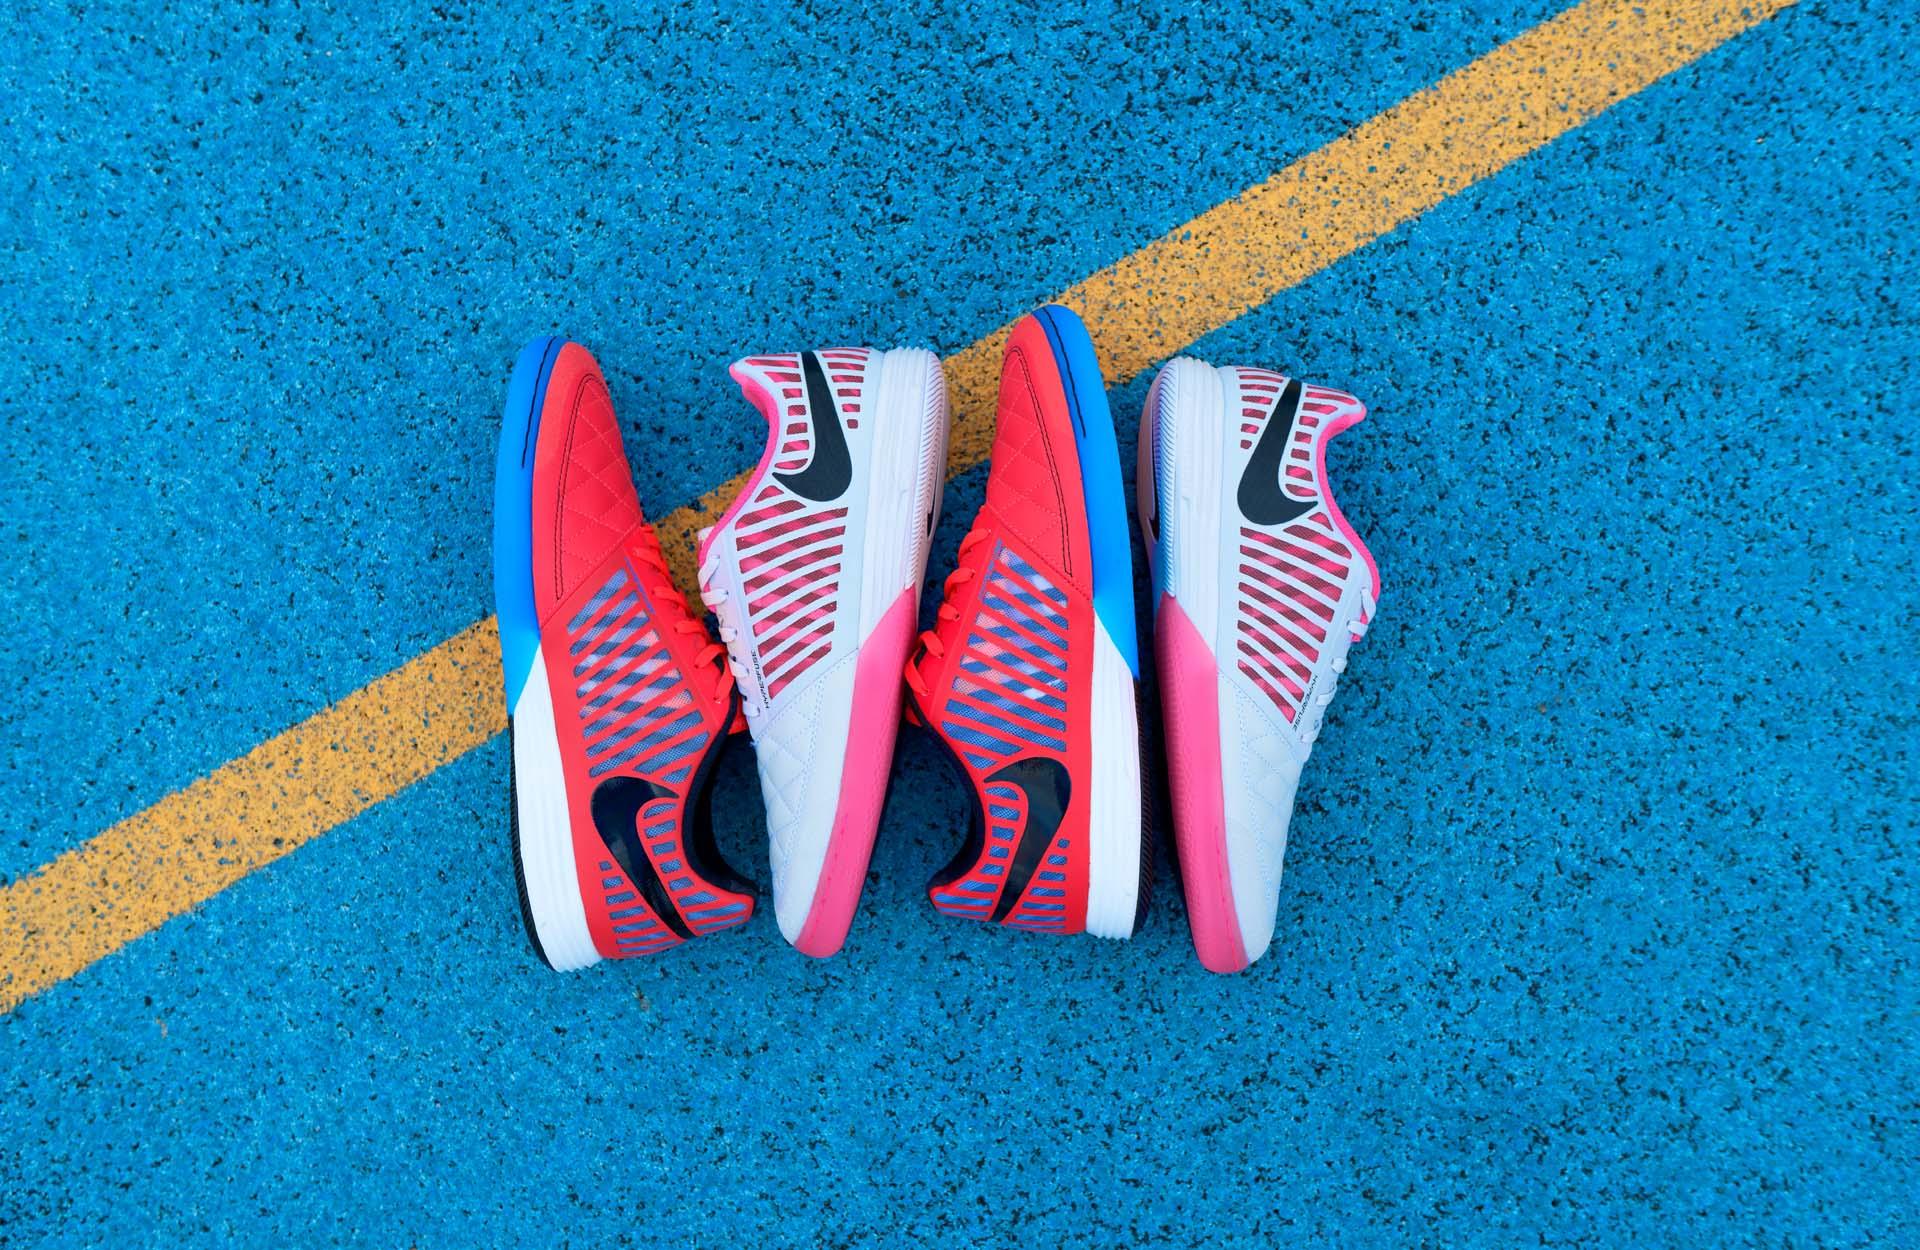 Bộ sưu tập giày đá bóng Nike Home Crew pack với gam màu đỏ trắng đẹp mắt